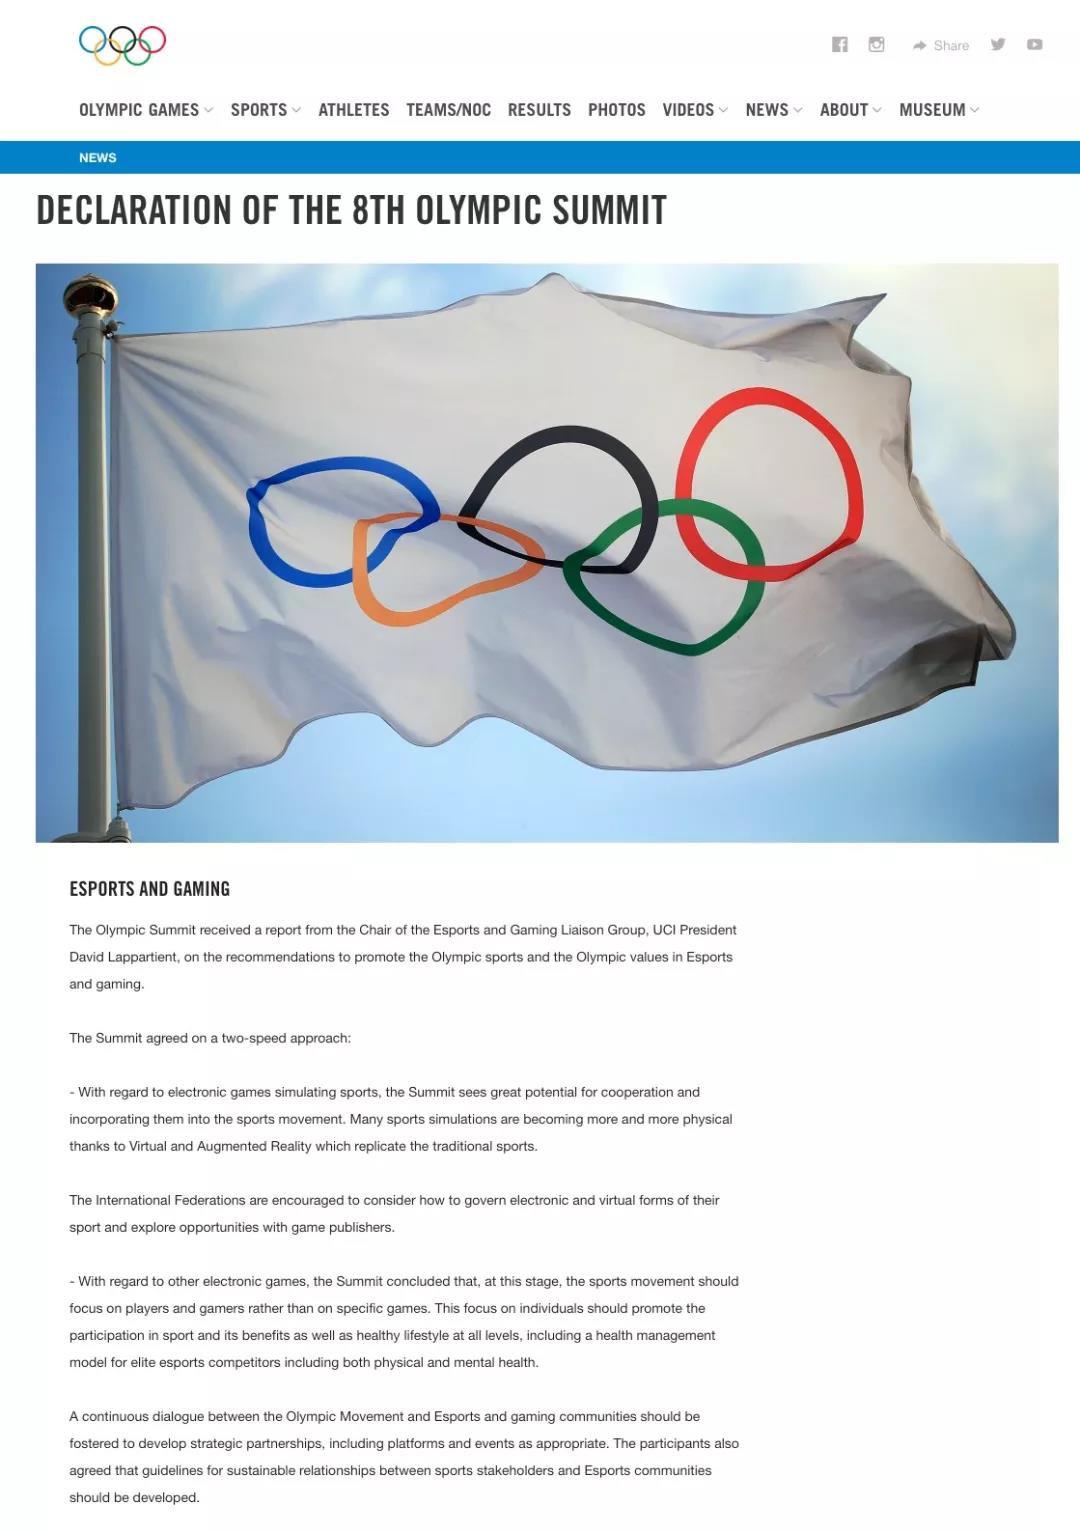 """国际奥林匹克峰会发布声明 两路并进探索电竞""""蓝海"""""""